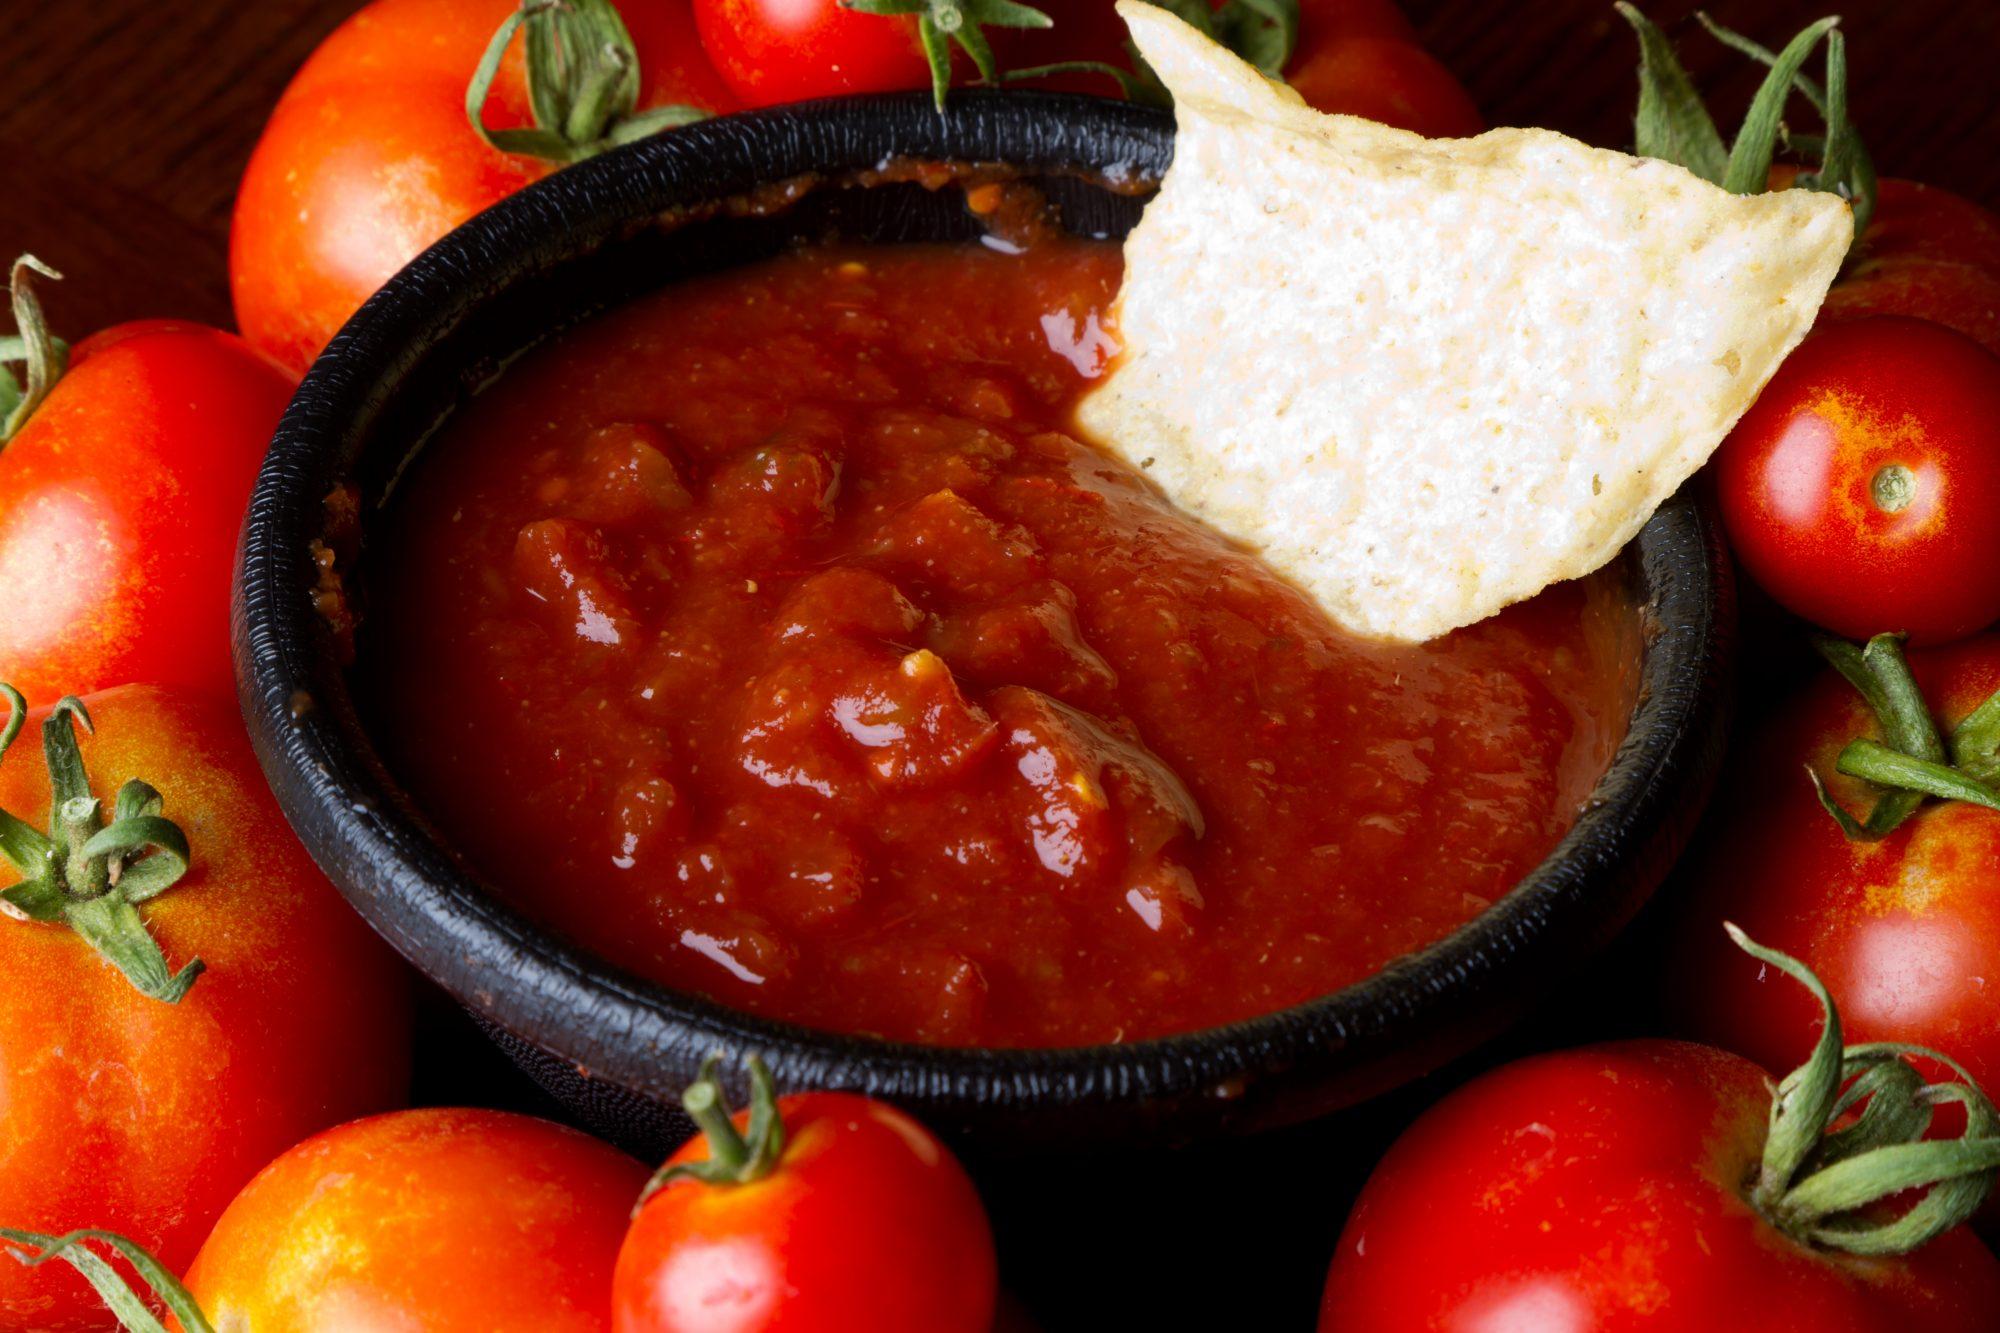 Salsa roja para tostadas